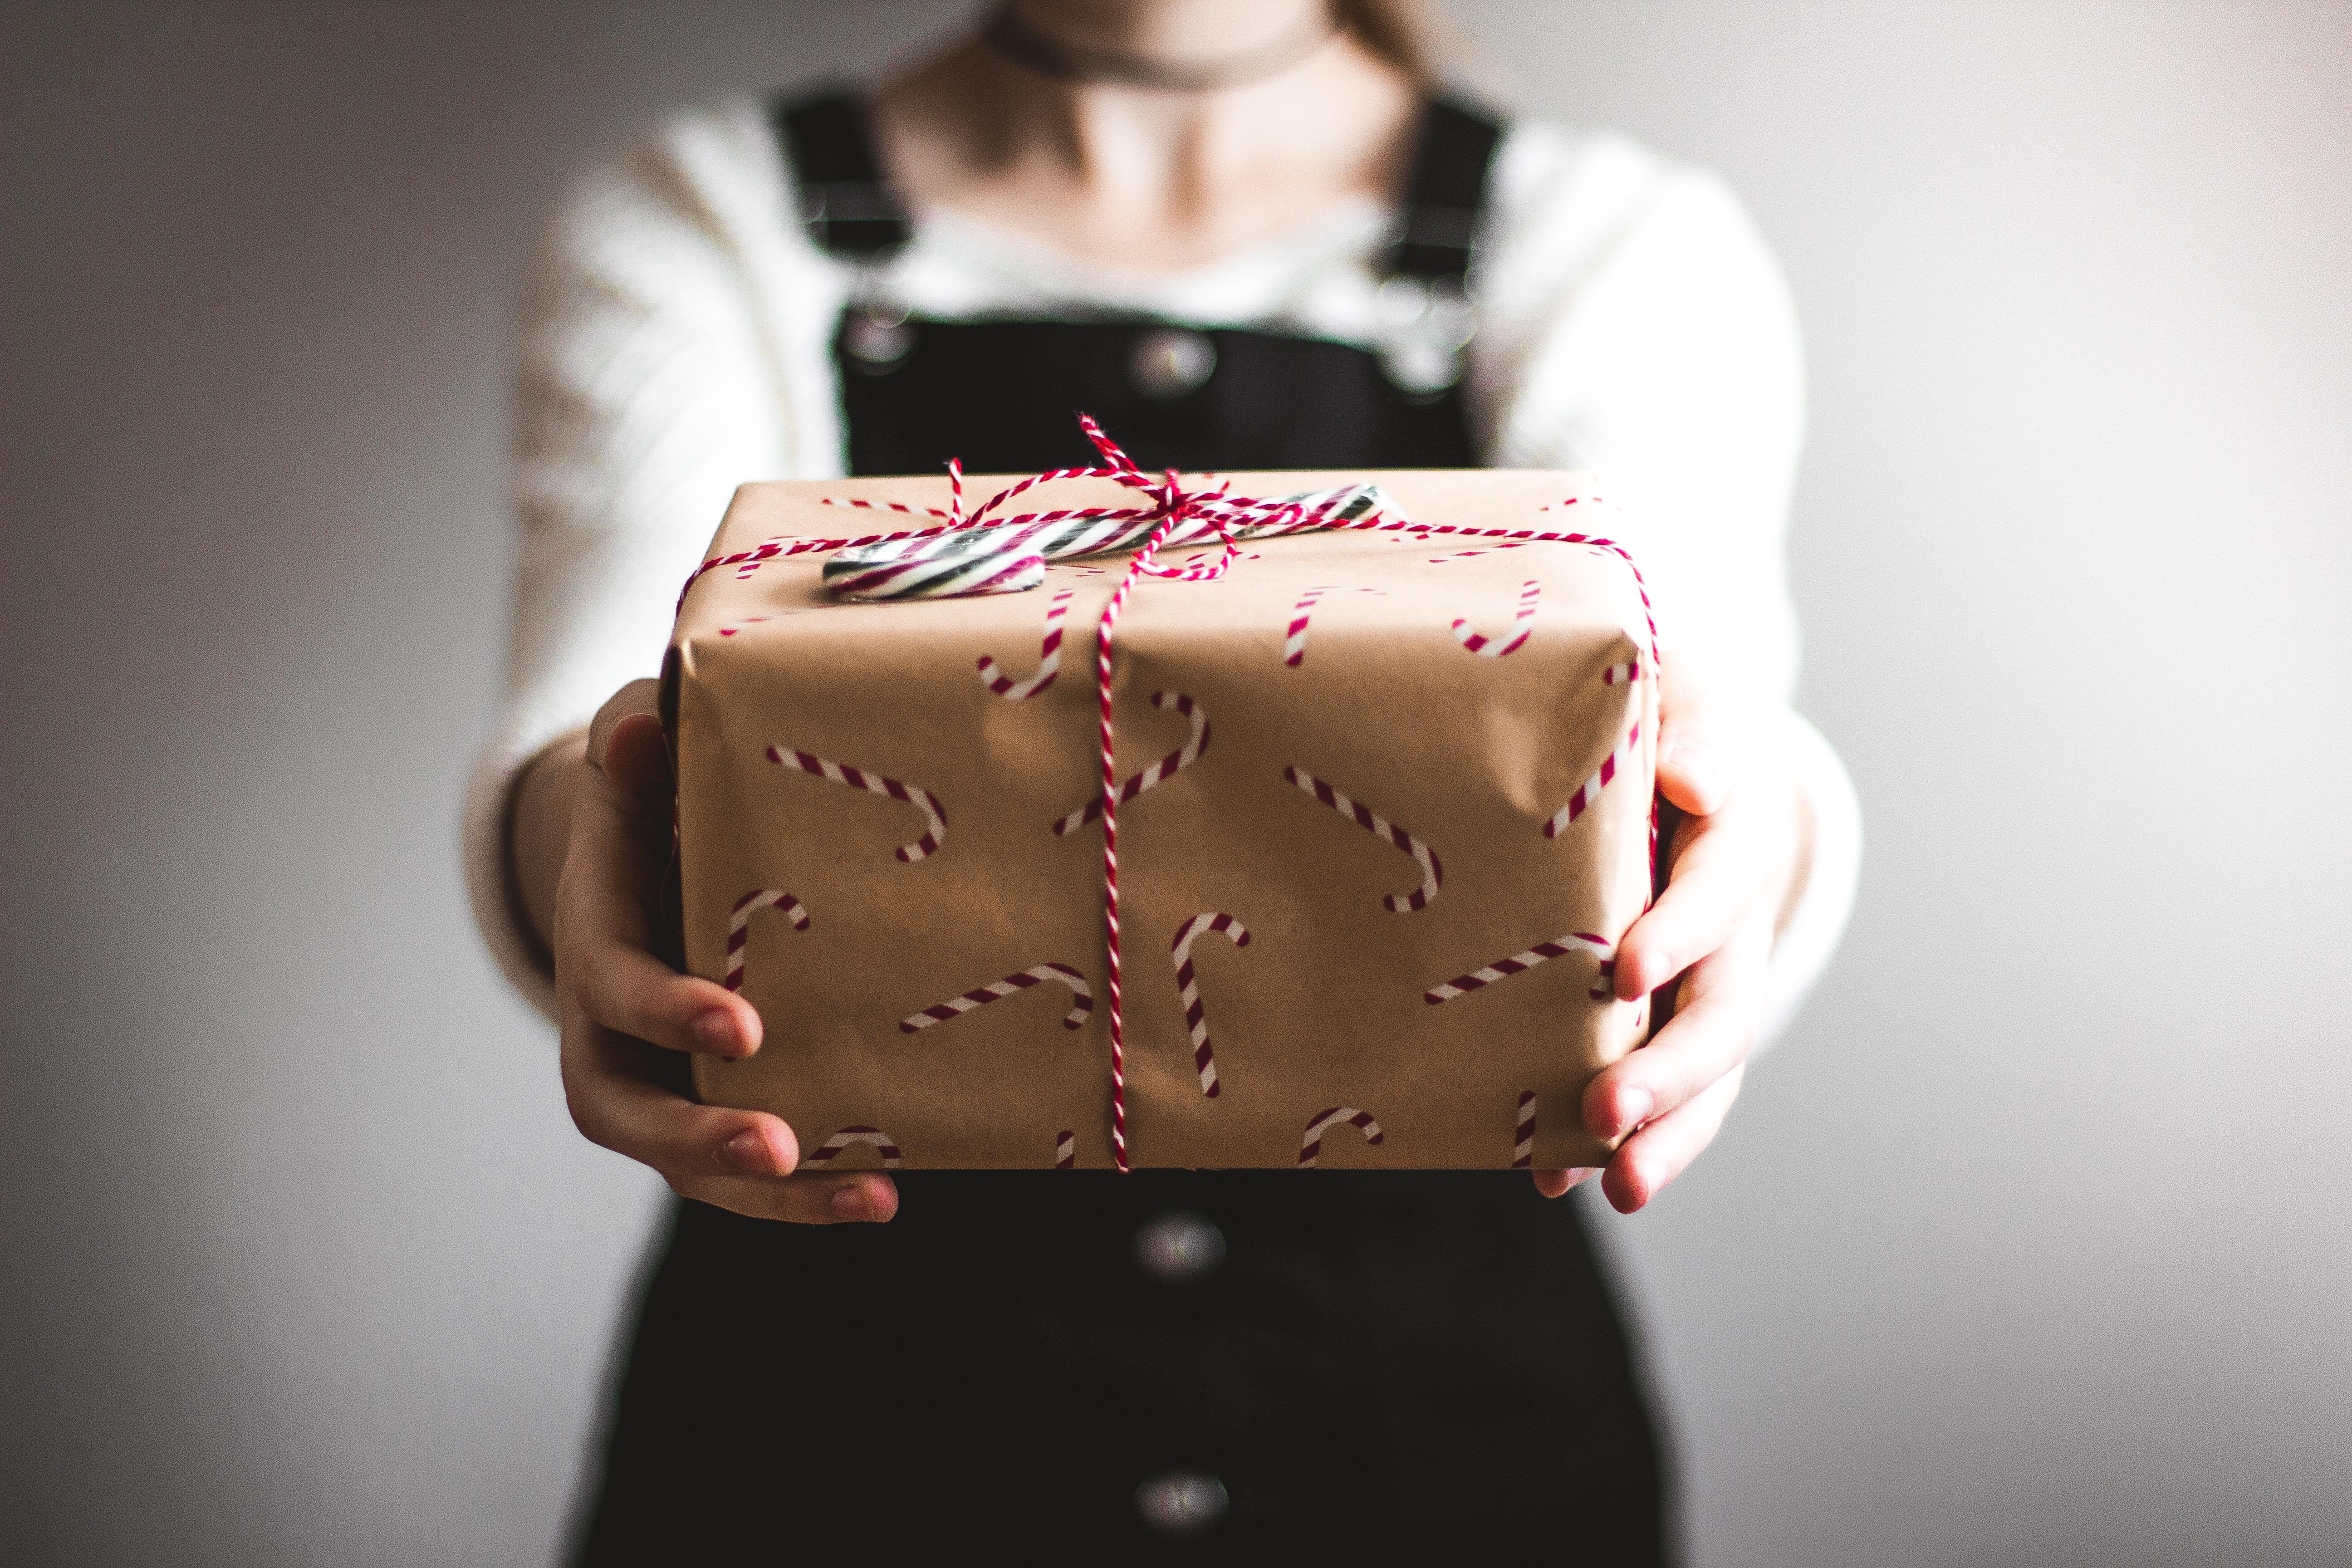 Geschenkideen für Frauen – 25 tolle Geschenkideen für die Freundin, Mama, Schwester oder Frau